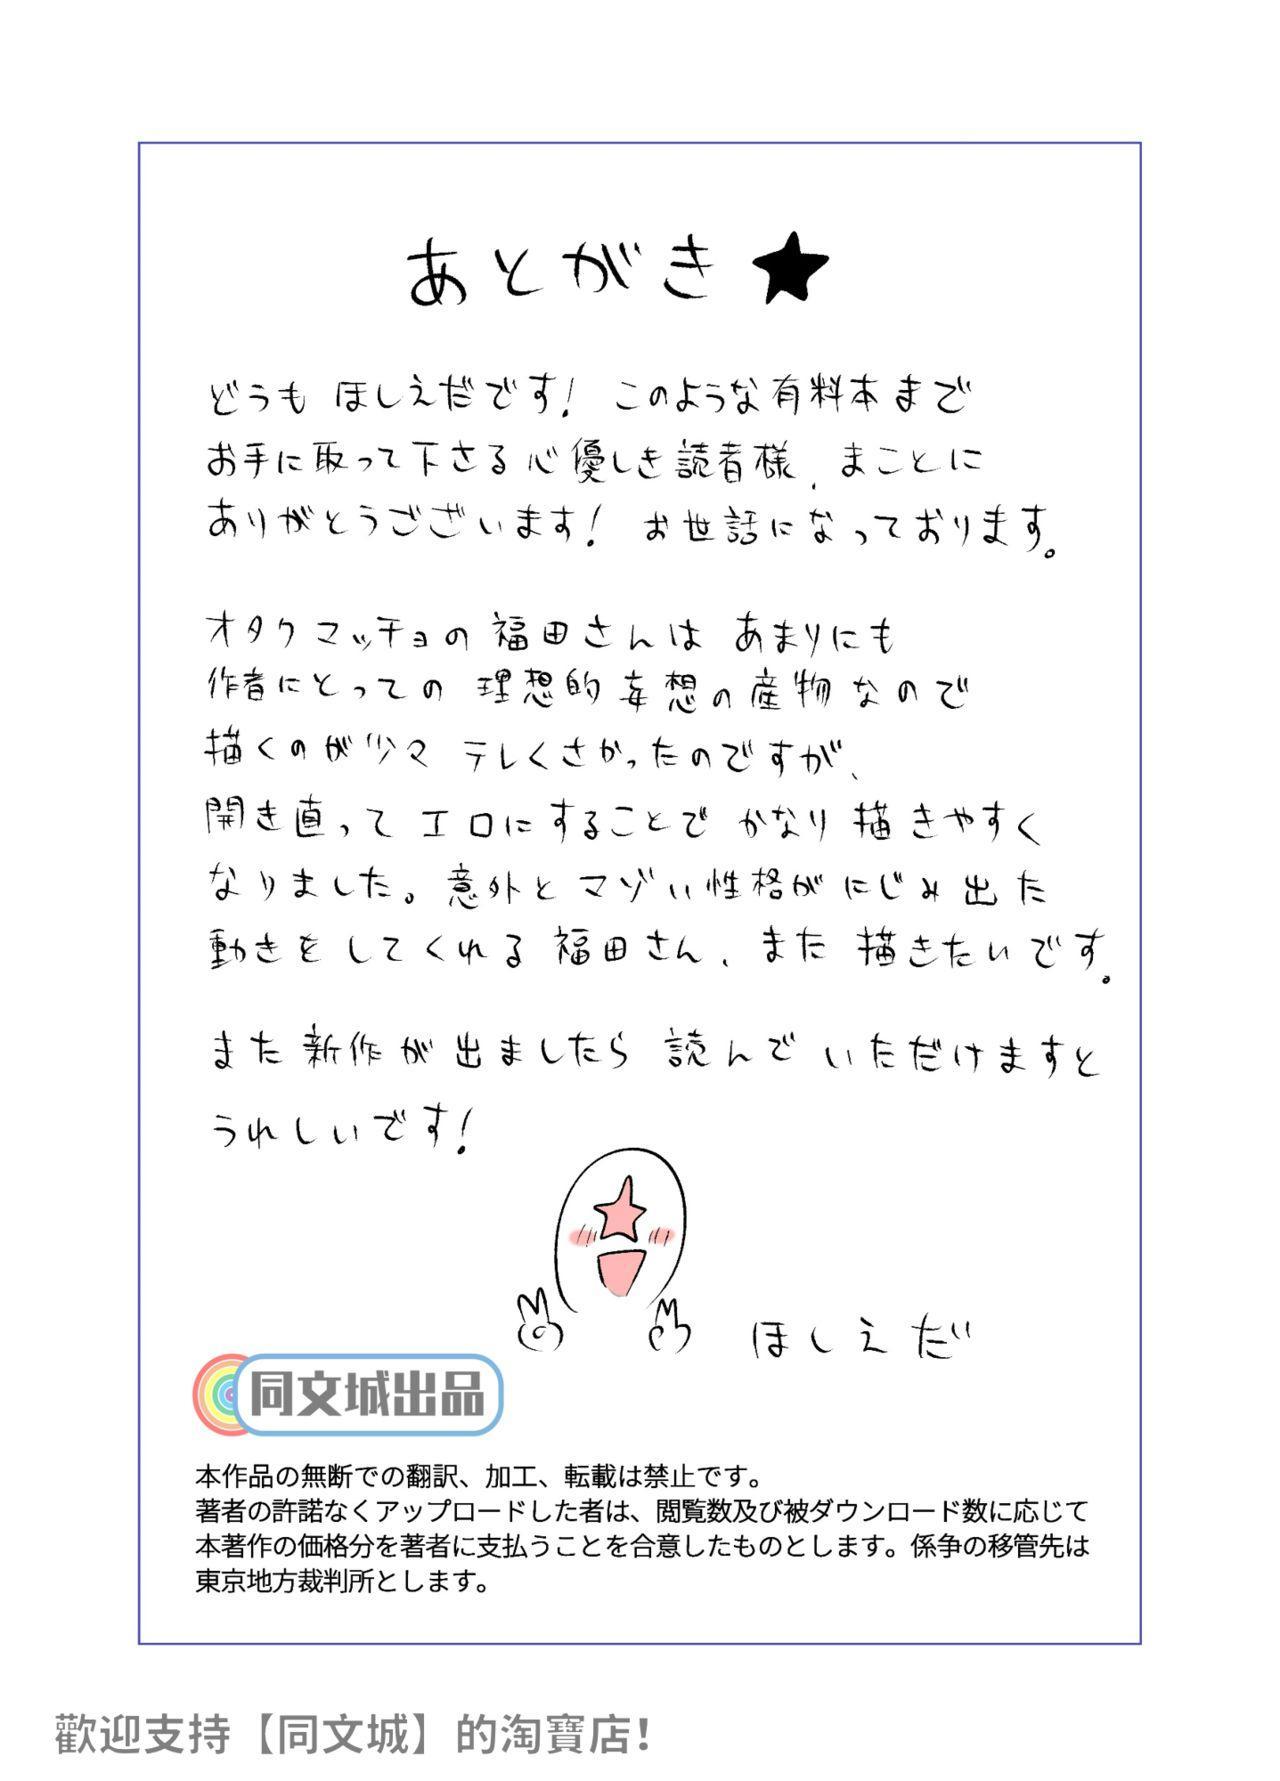 Yotta Hyoushi ni Issen o Koesaserarete shimatta Otaku Macho no Hanashi 57